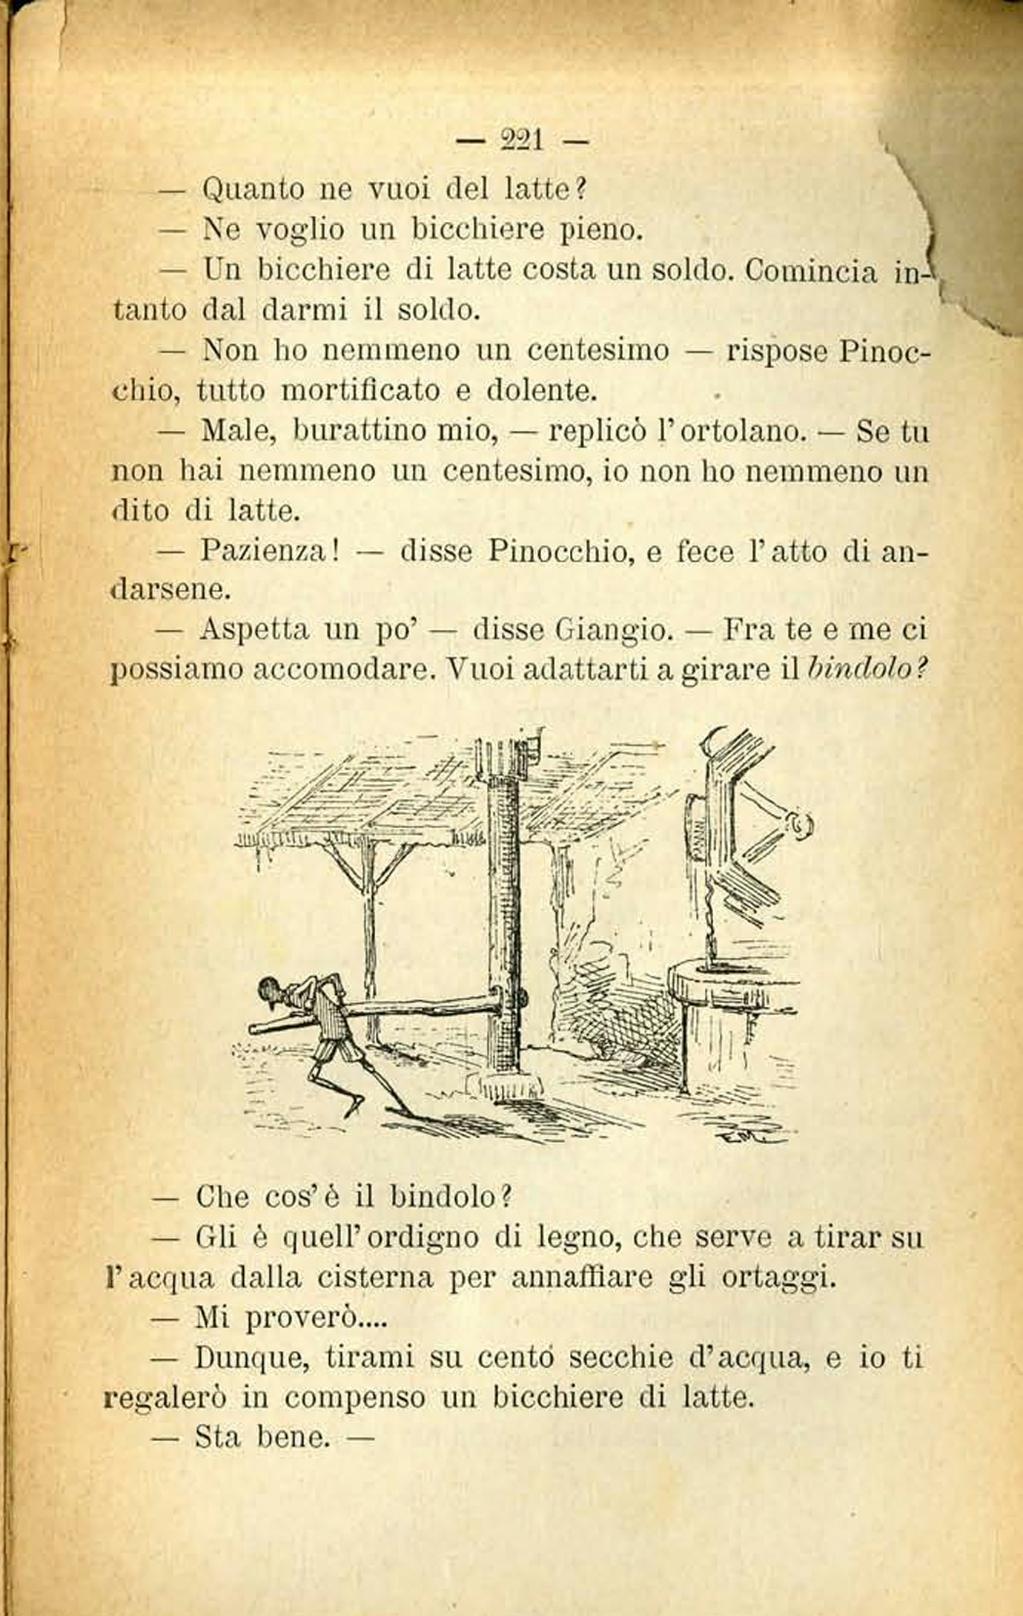 Che Cos È Il Legno pagina:collodi - le avventure di pinocchio, bemporad, 1892